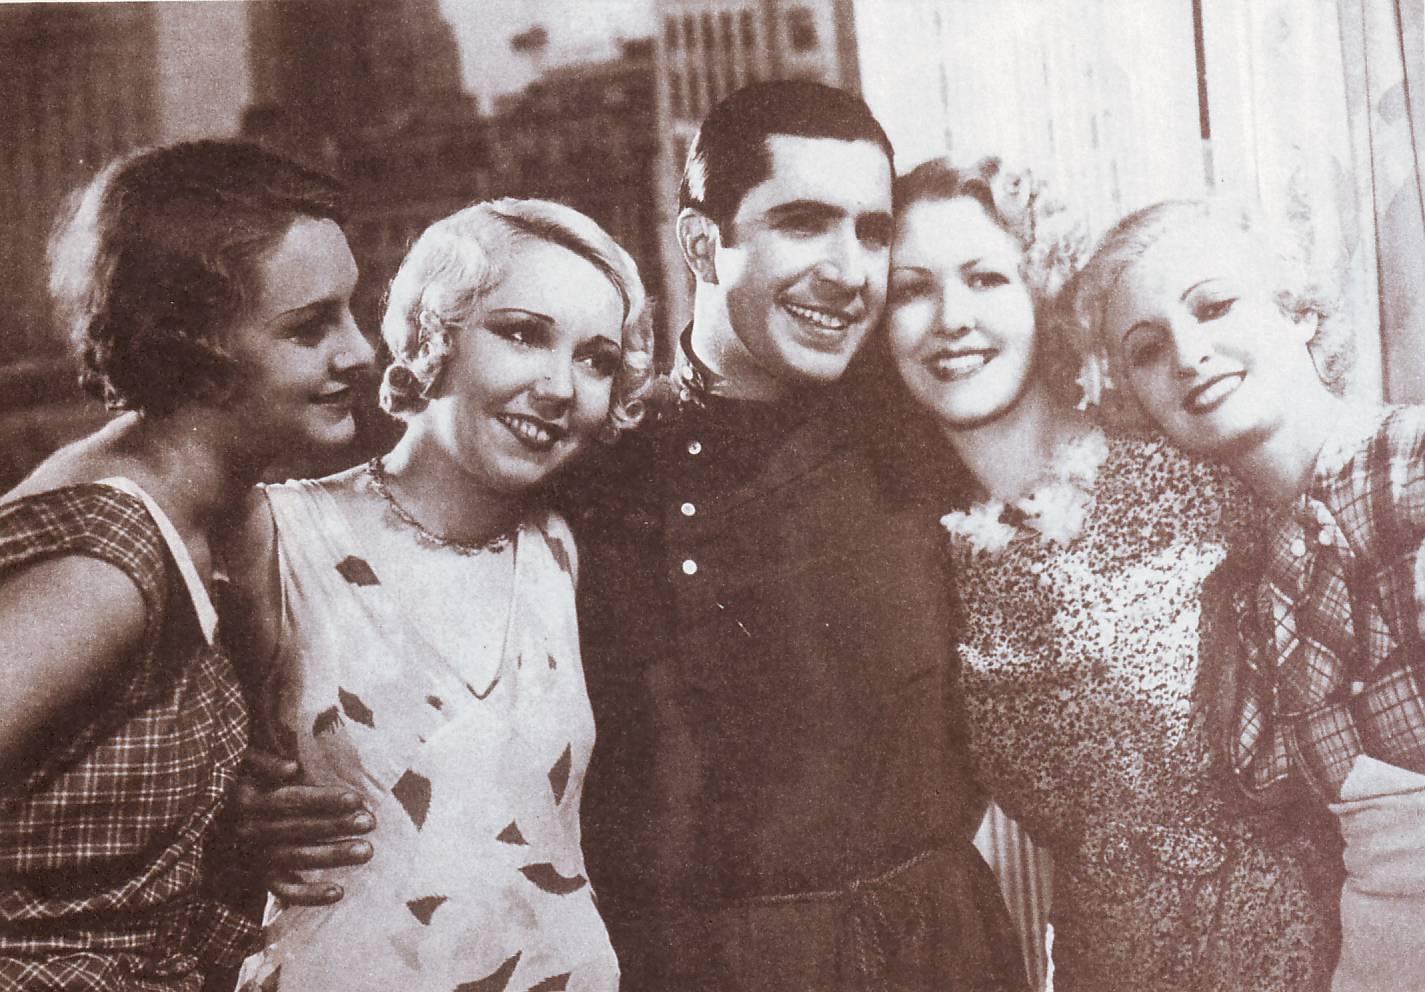 Carlos Gardel junto a las actrices que interpretaron a Peggy, Mary, Betty y Julie, las «Rubias de New York» que aparecen en la película El tango en Broadway de 1934.